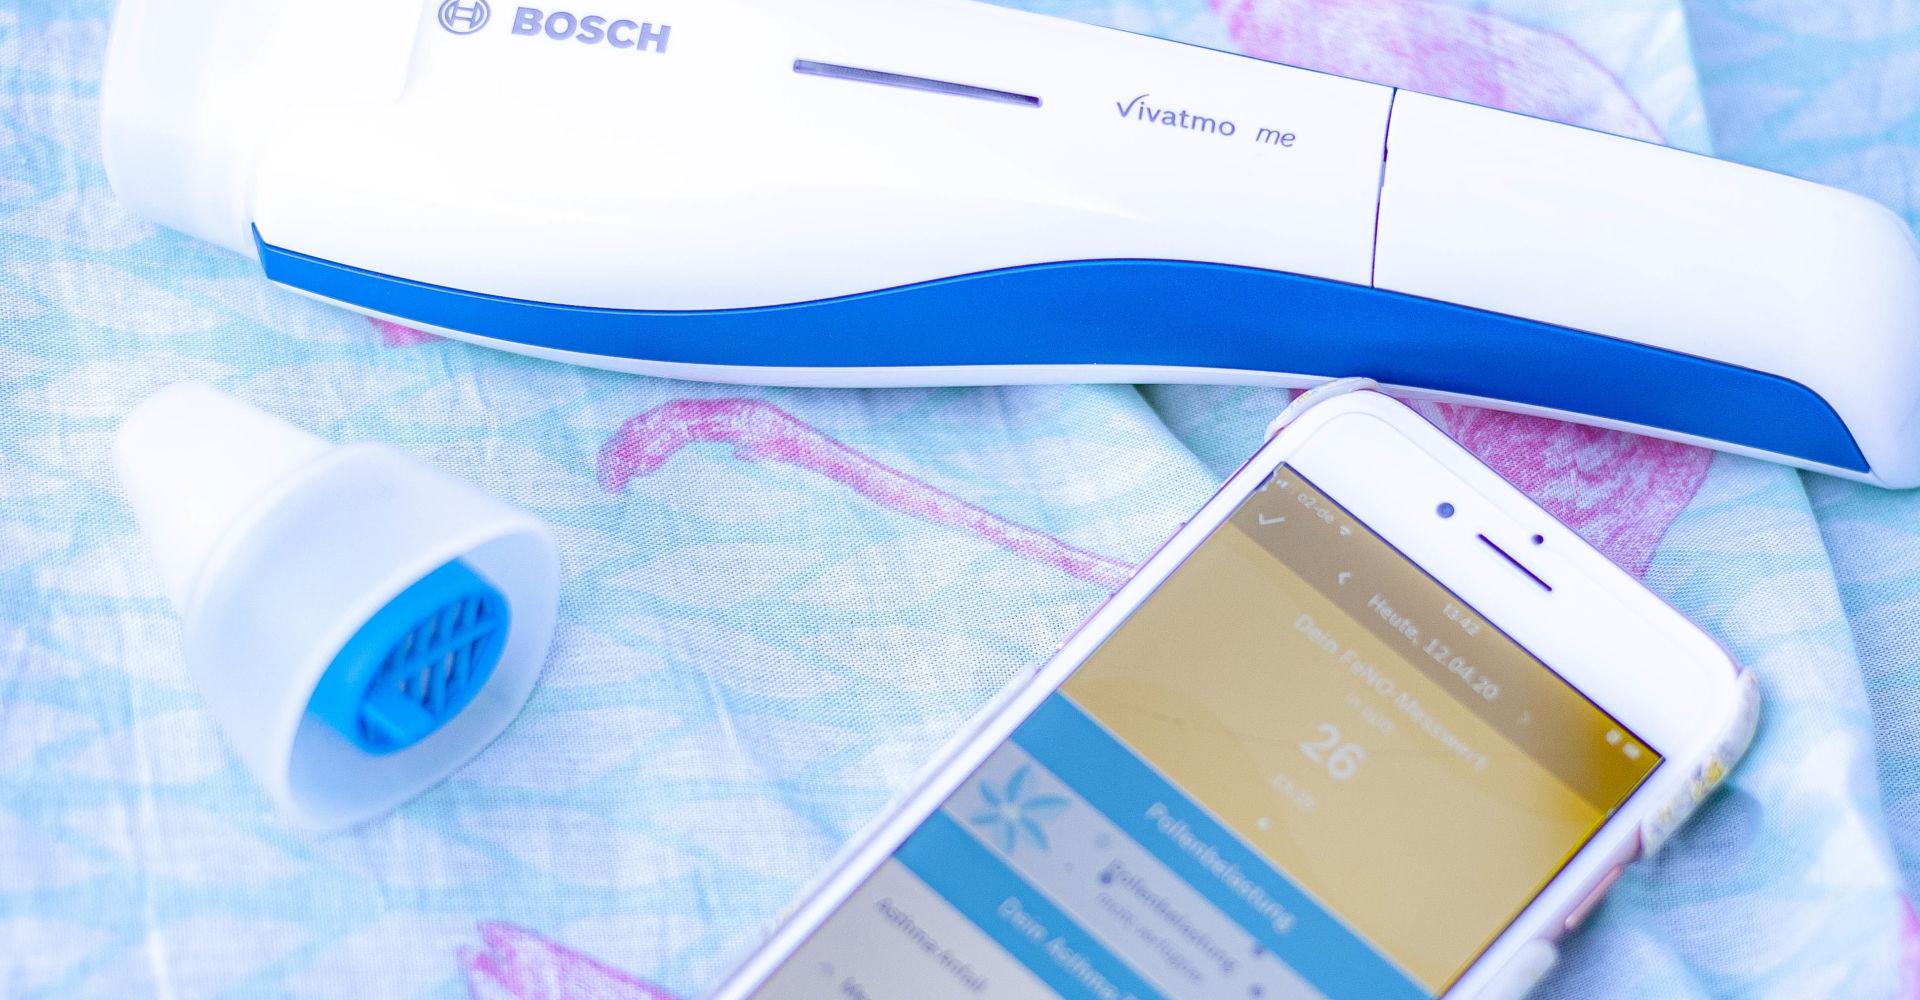 Anzeige: Entspannt durch den Frühling- mein Asthma auf dem Radar